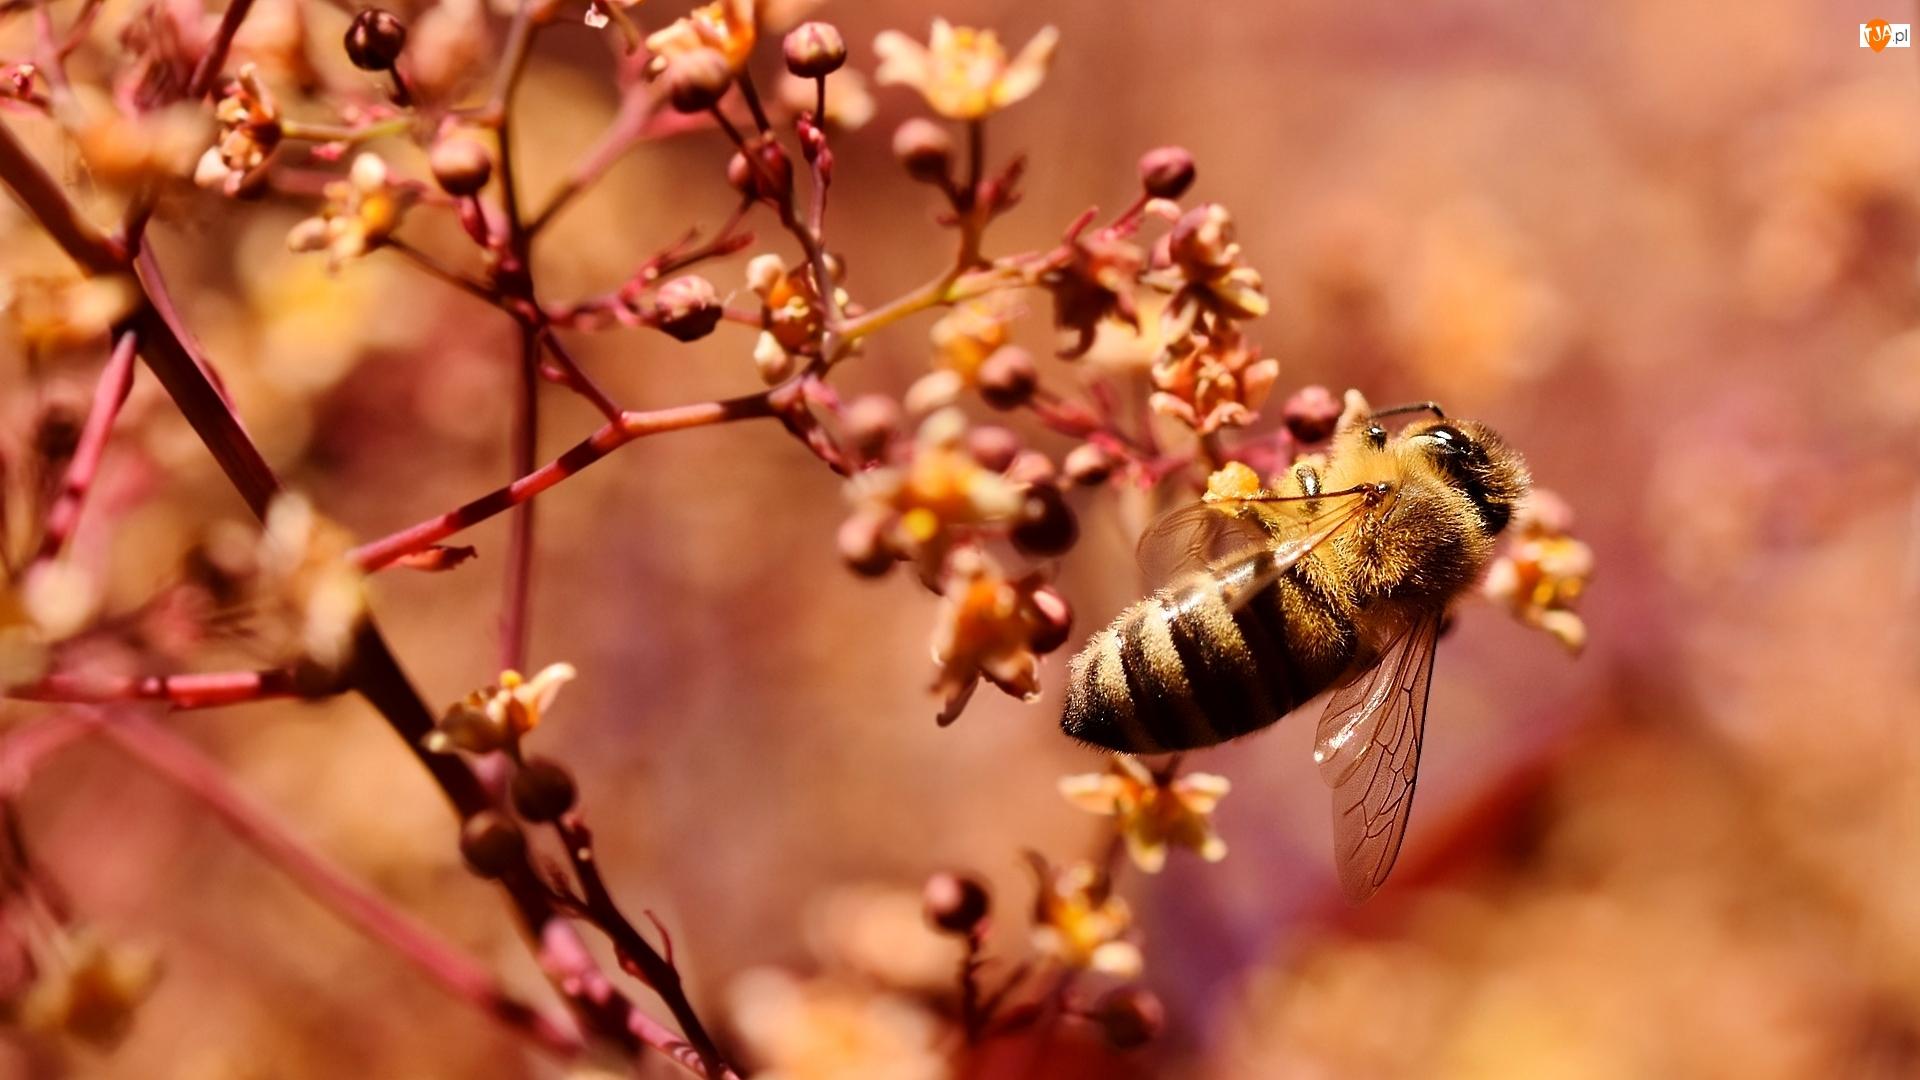 Pszczoła, Drzewo, Gałązki, Pąki